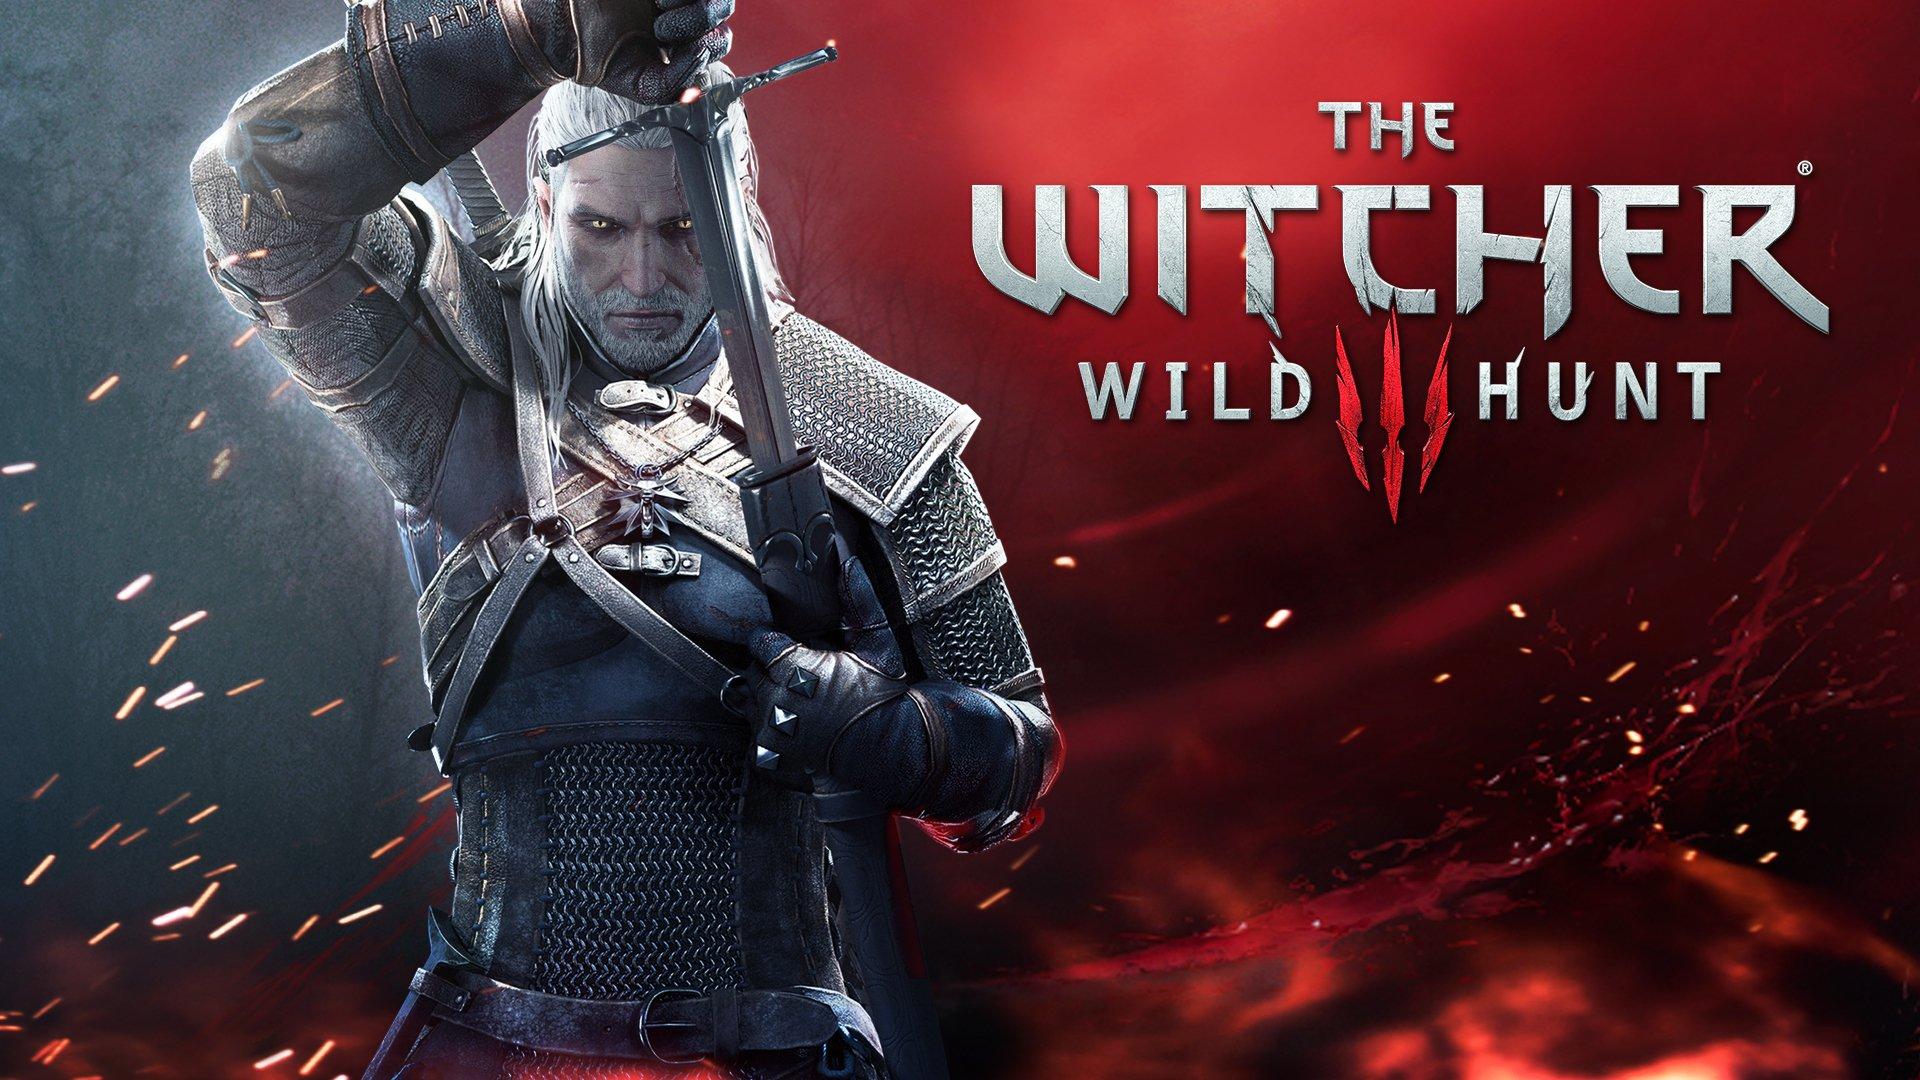 The Witcher 3: Wild Hunt. Все самое интересное за прошедшее время.   Новые факты о игре.   • Появилось огромное коли ... - Изображение 1